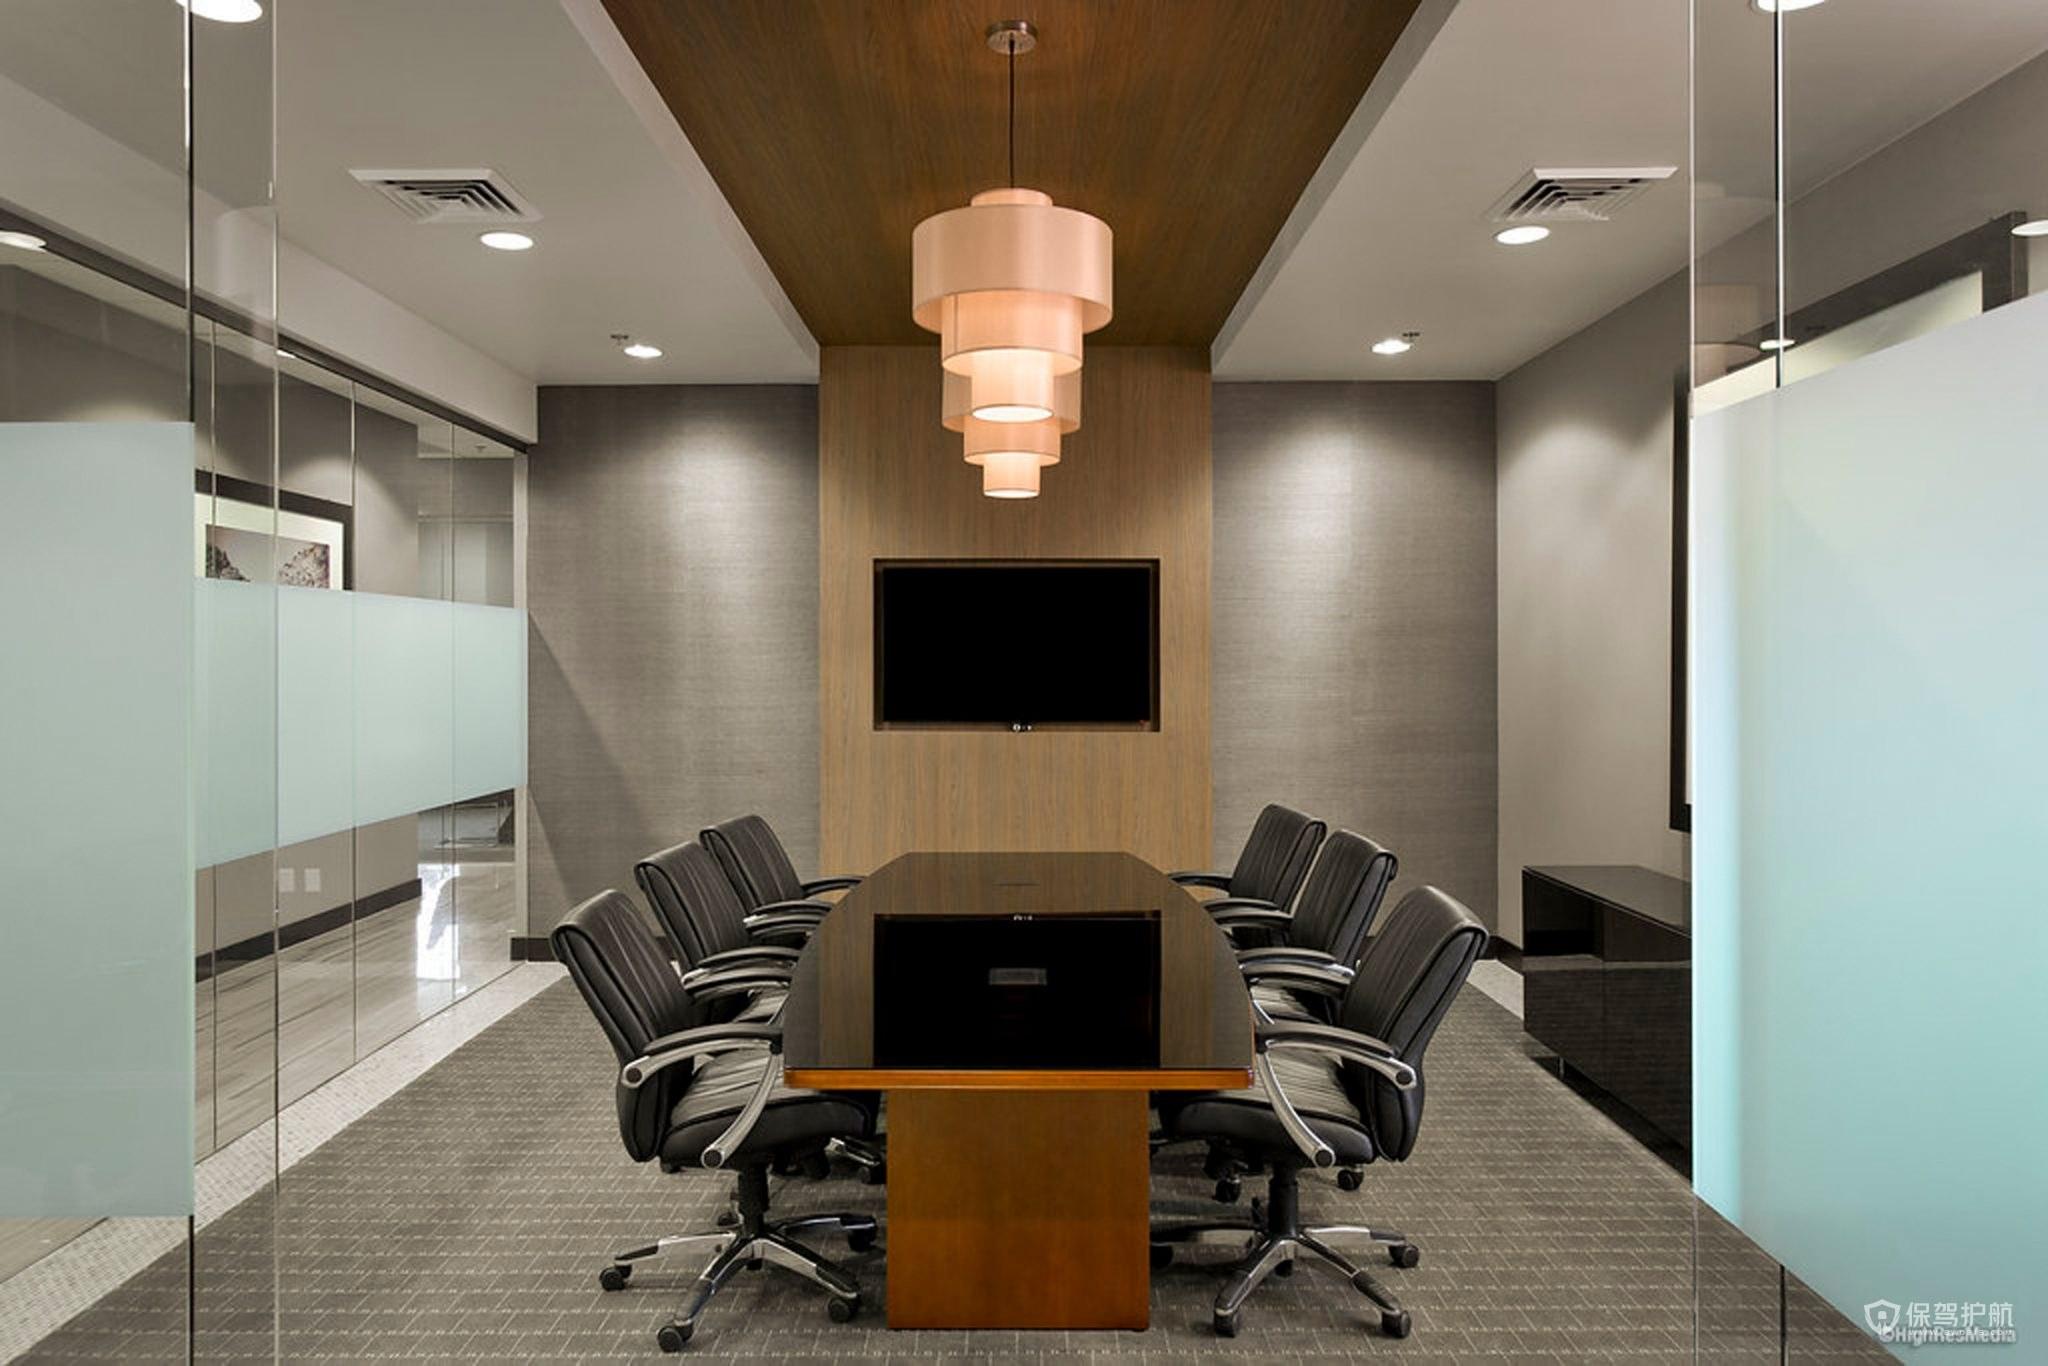 筒式吊灯开放式办公室效果图